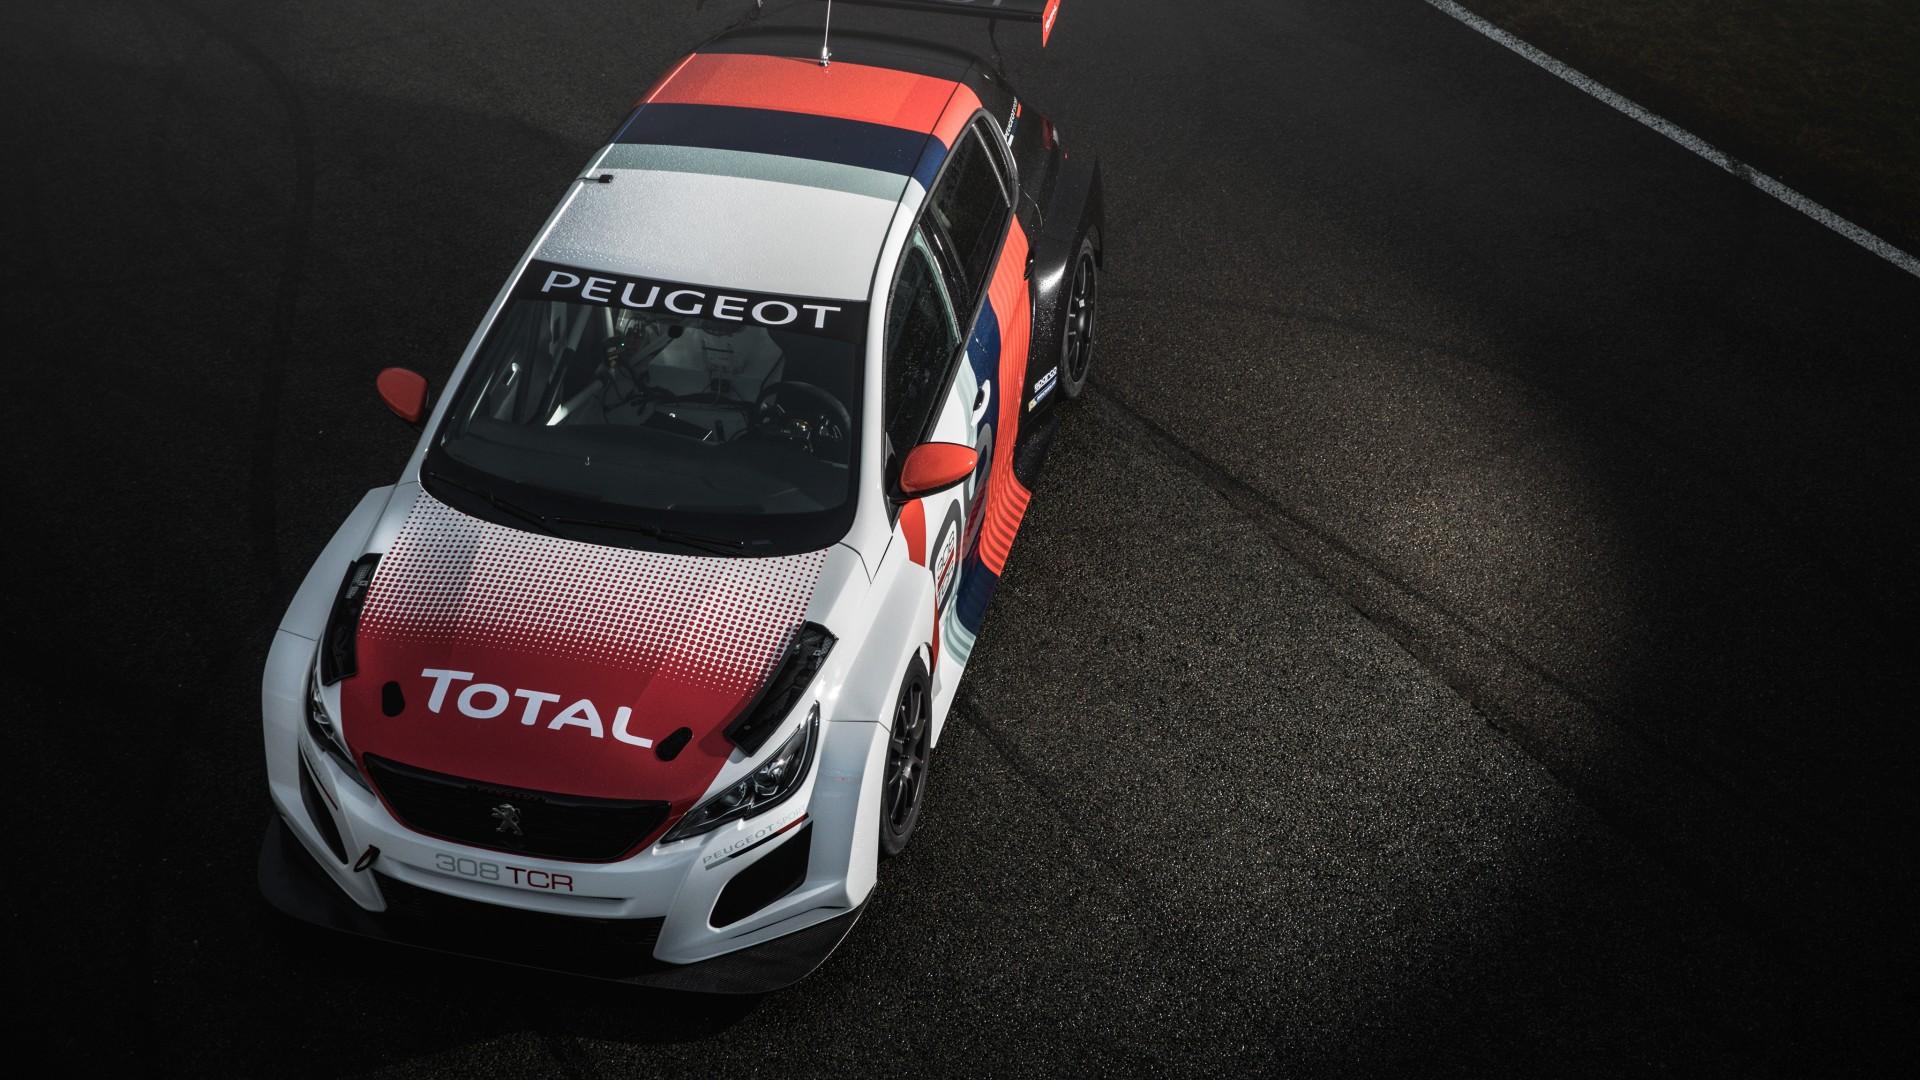 2018 Peugeot 308 TCR 4K 3 Wallpaper